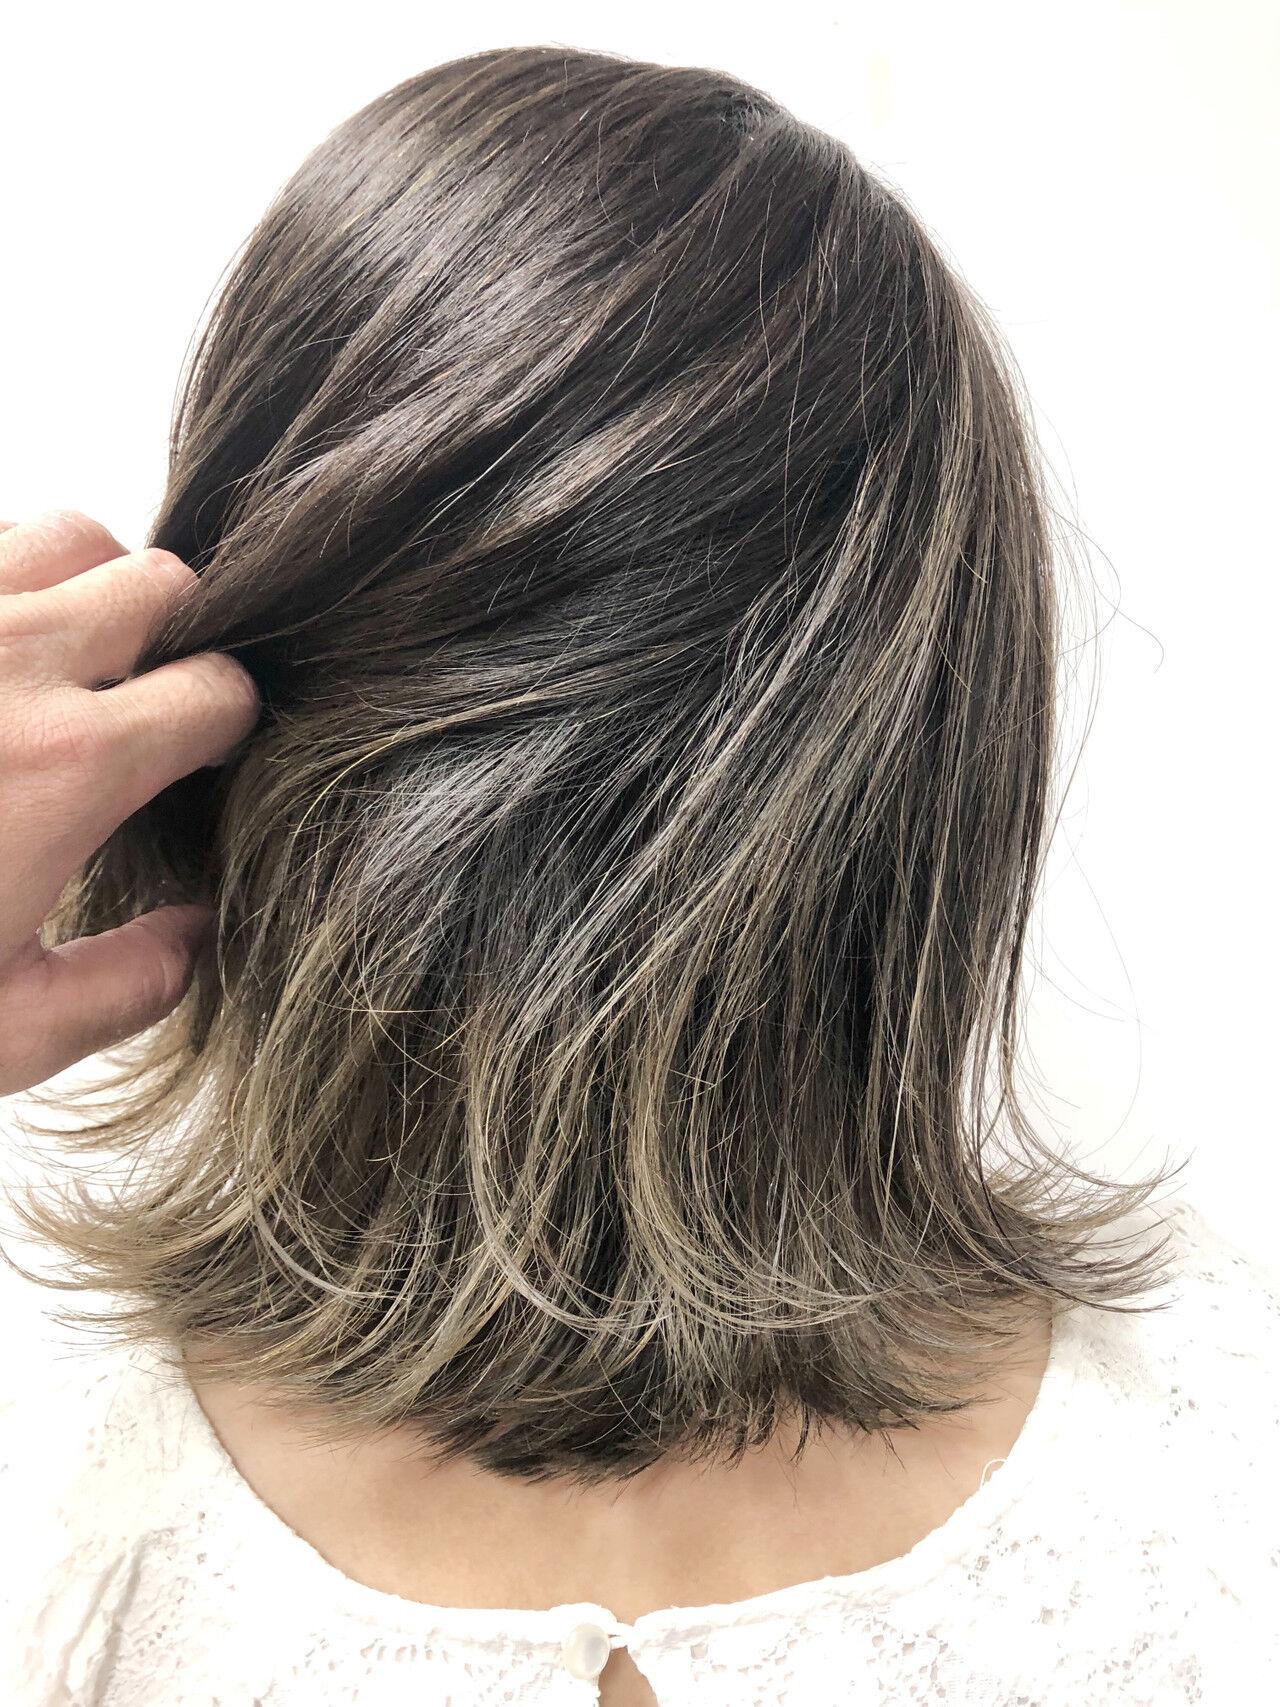 アッシュグレージュ ナチュラル ブリーチオンカラー ボブヘアスタイルや髪型の写真・画像